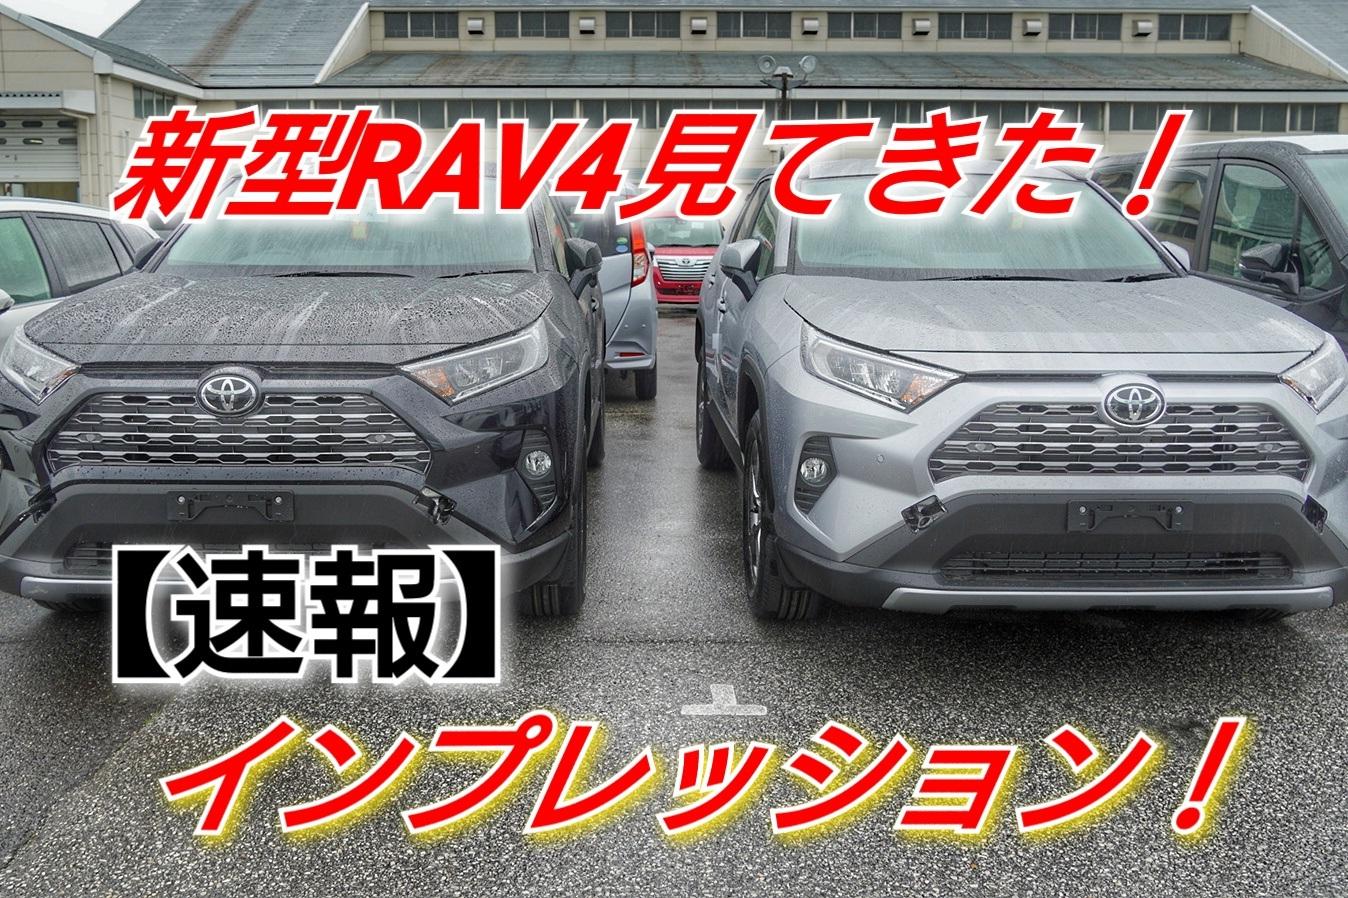 RAV4smn16.jpg